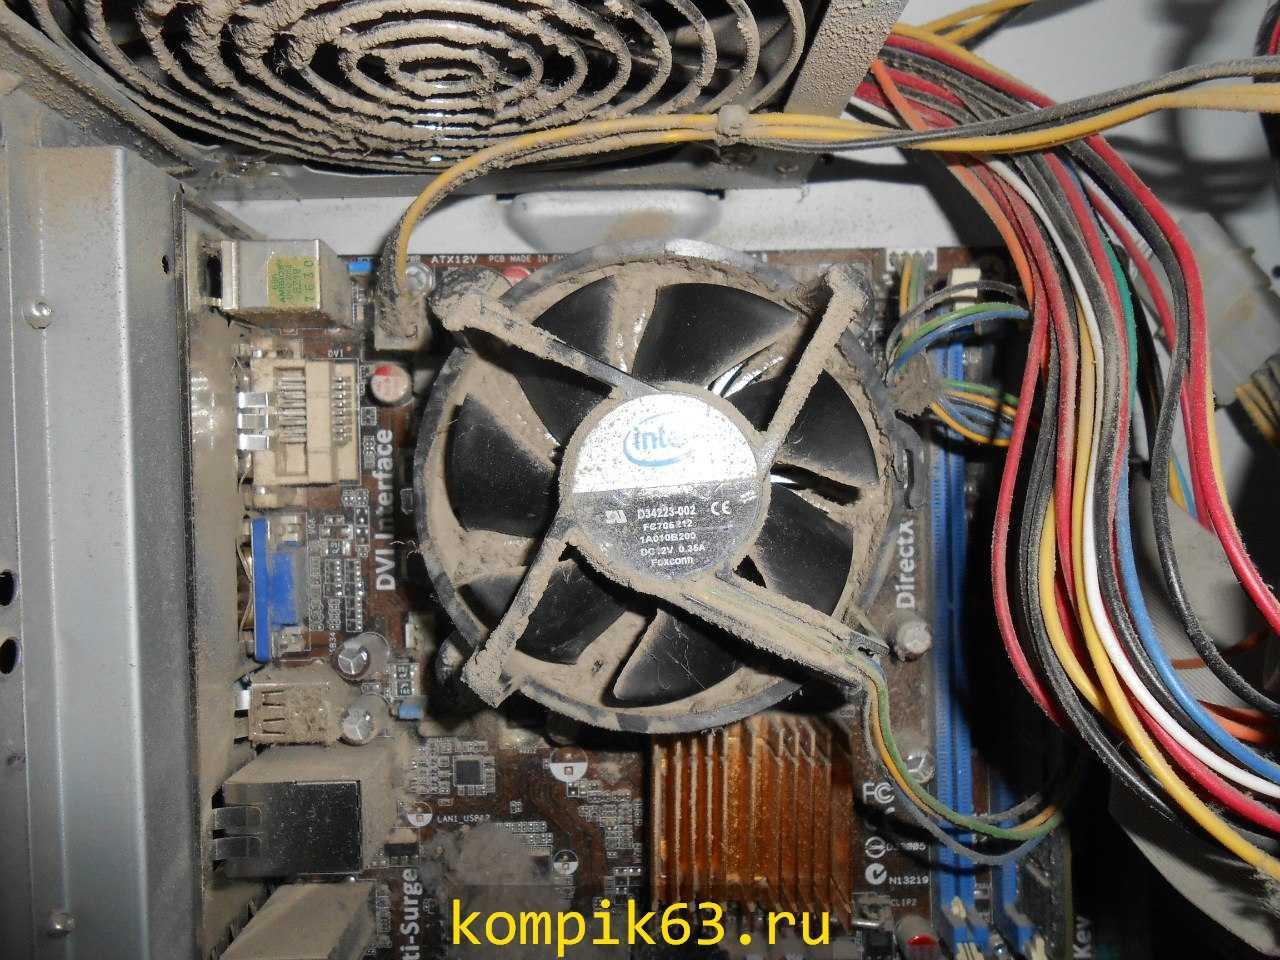 kompik63.ru-139